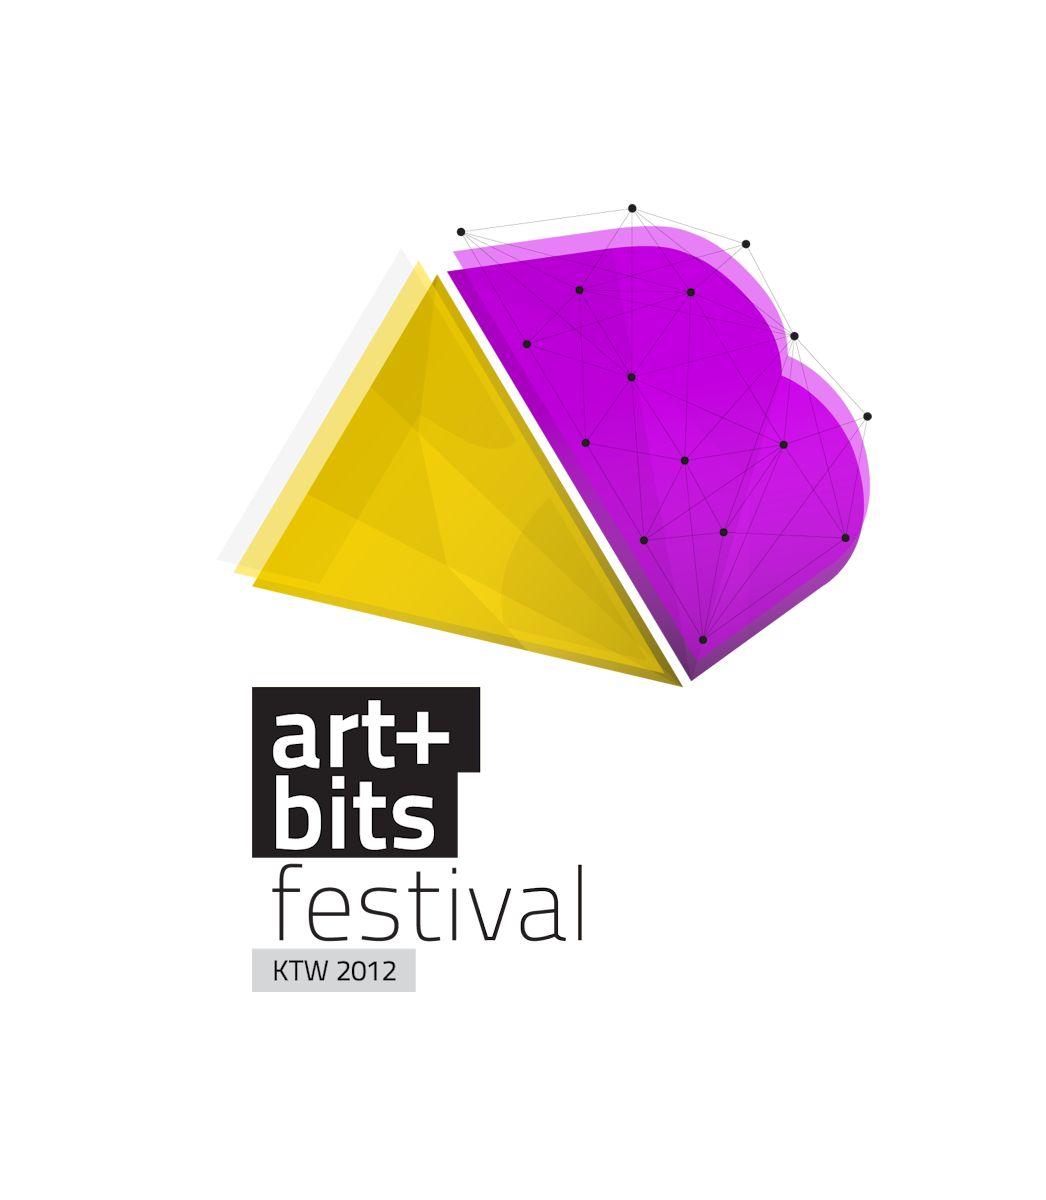 art+bits festival w Katowicach, logo (źródło: materiały prasowe organizatora)